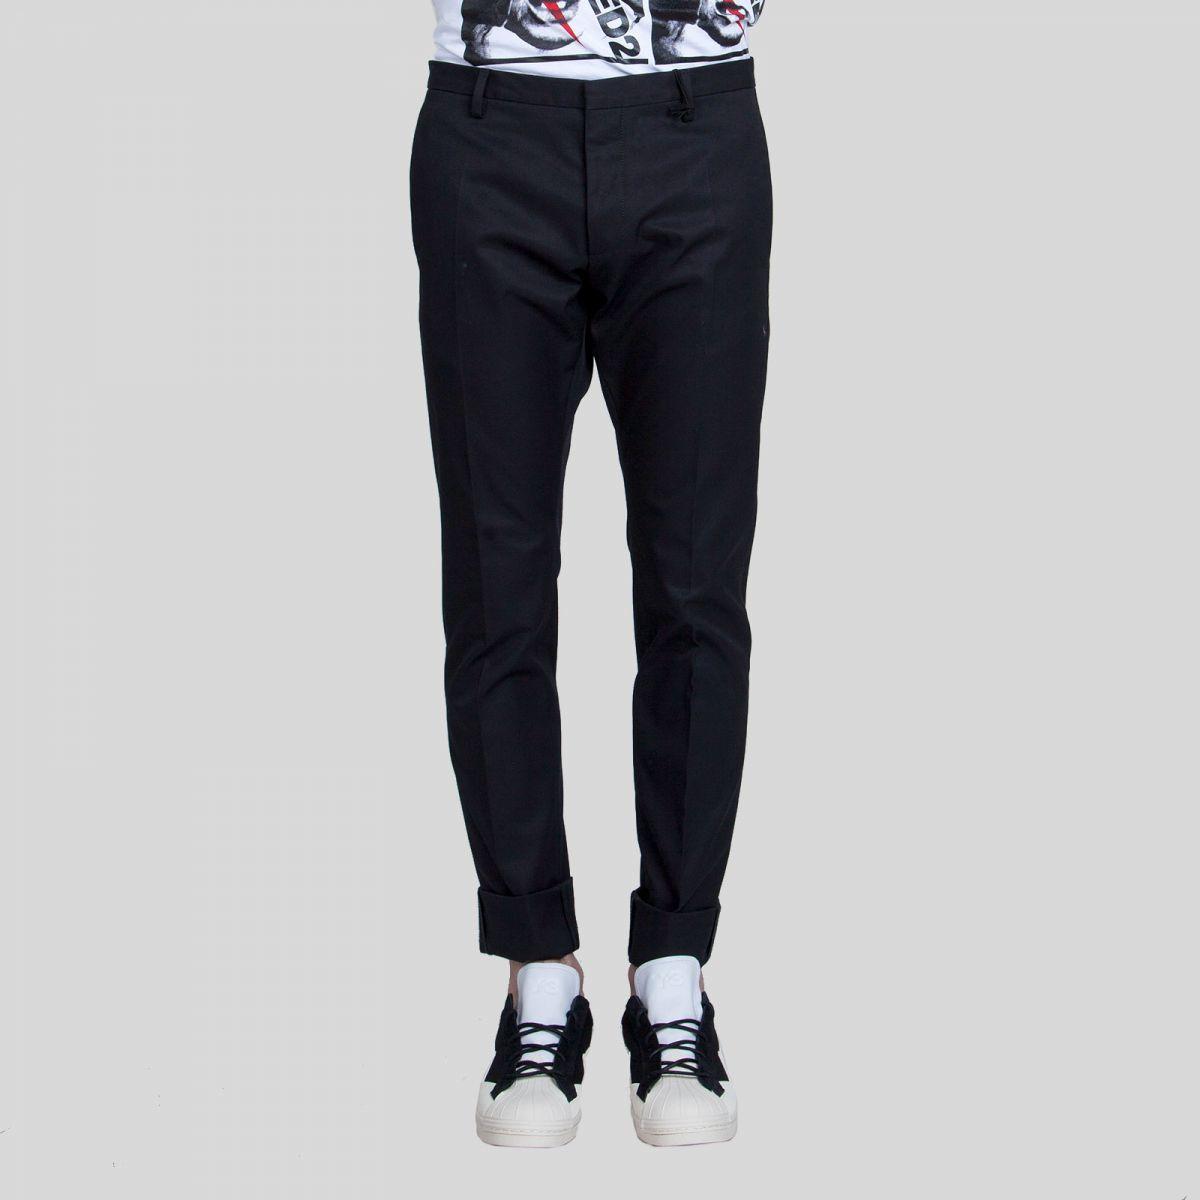 DSQUARED2 ディースクエアード コットンツイルホックニーパンツ Cotton Twill Hockney Trousers